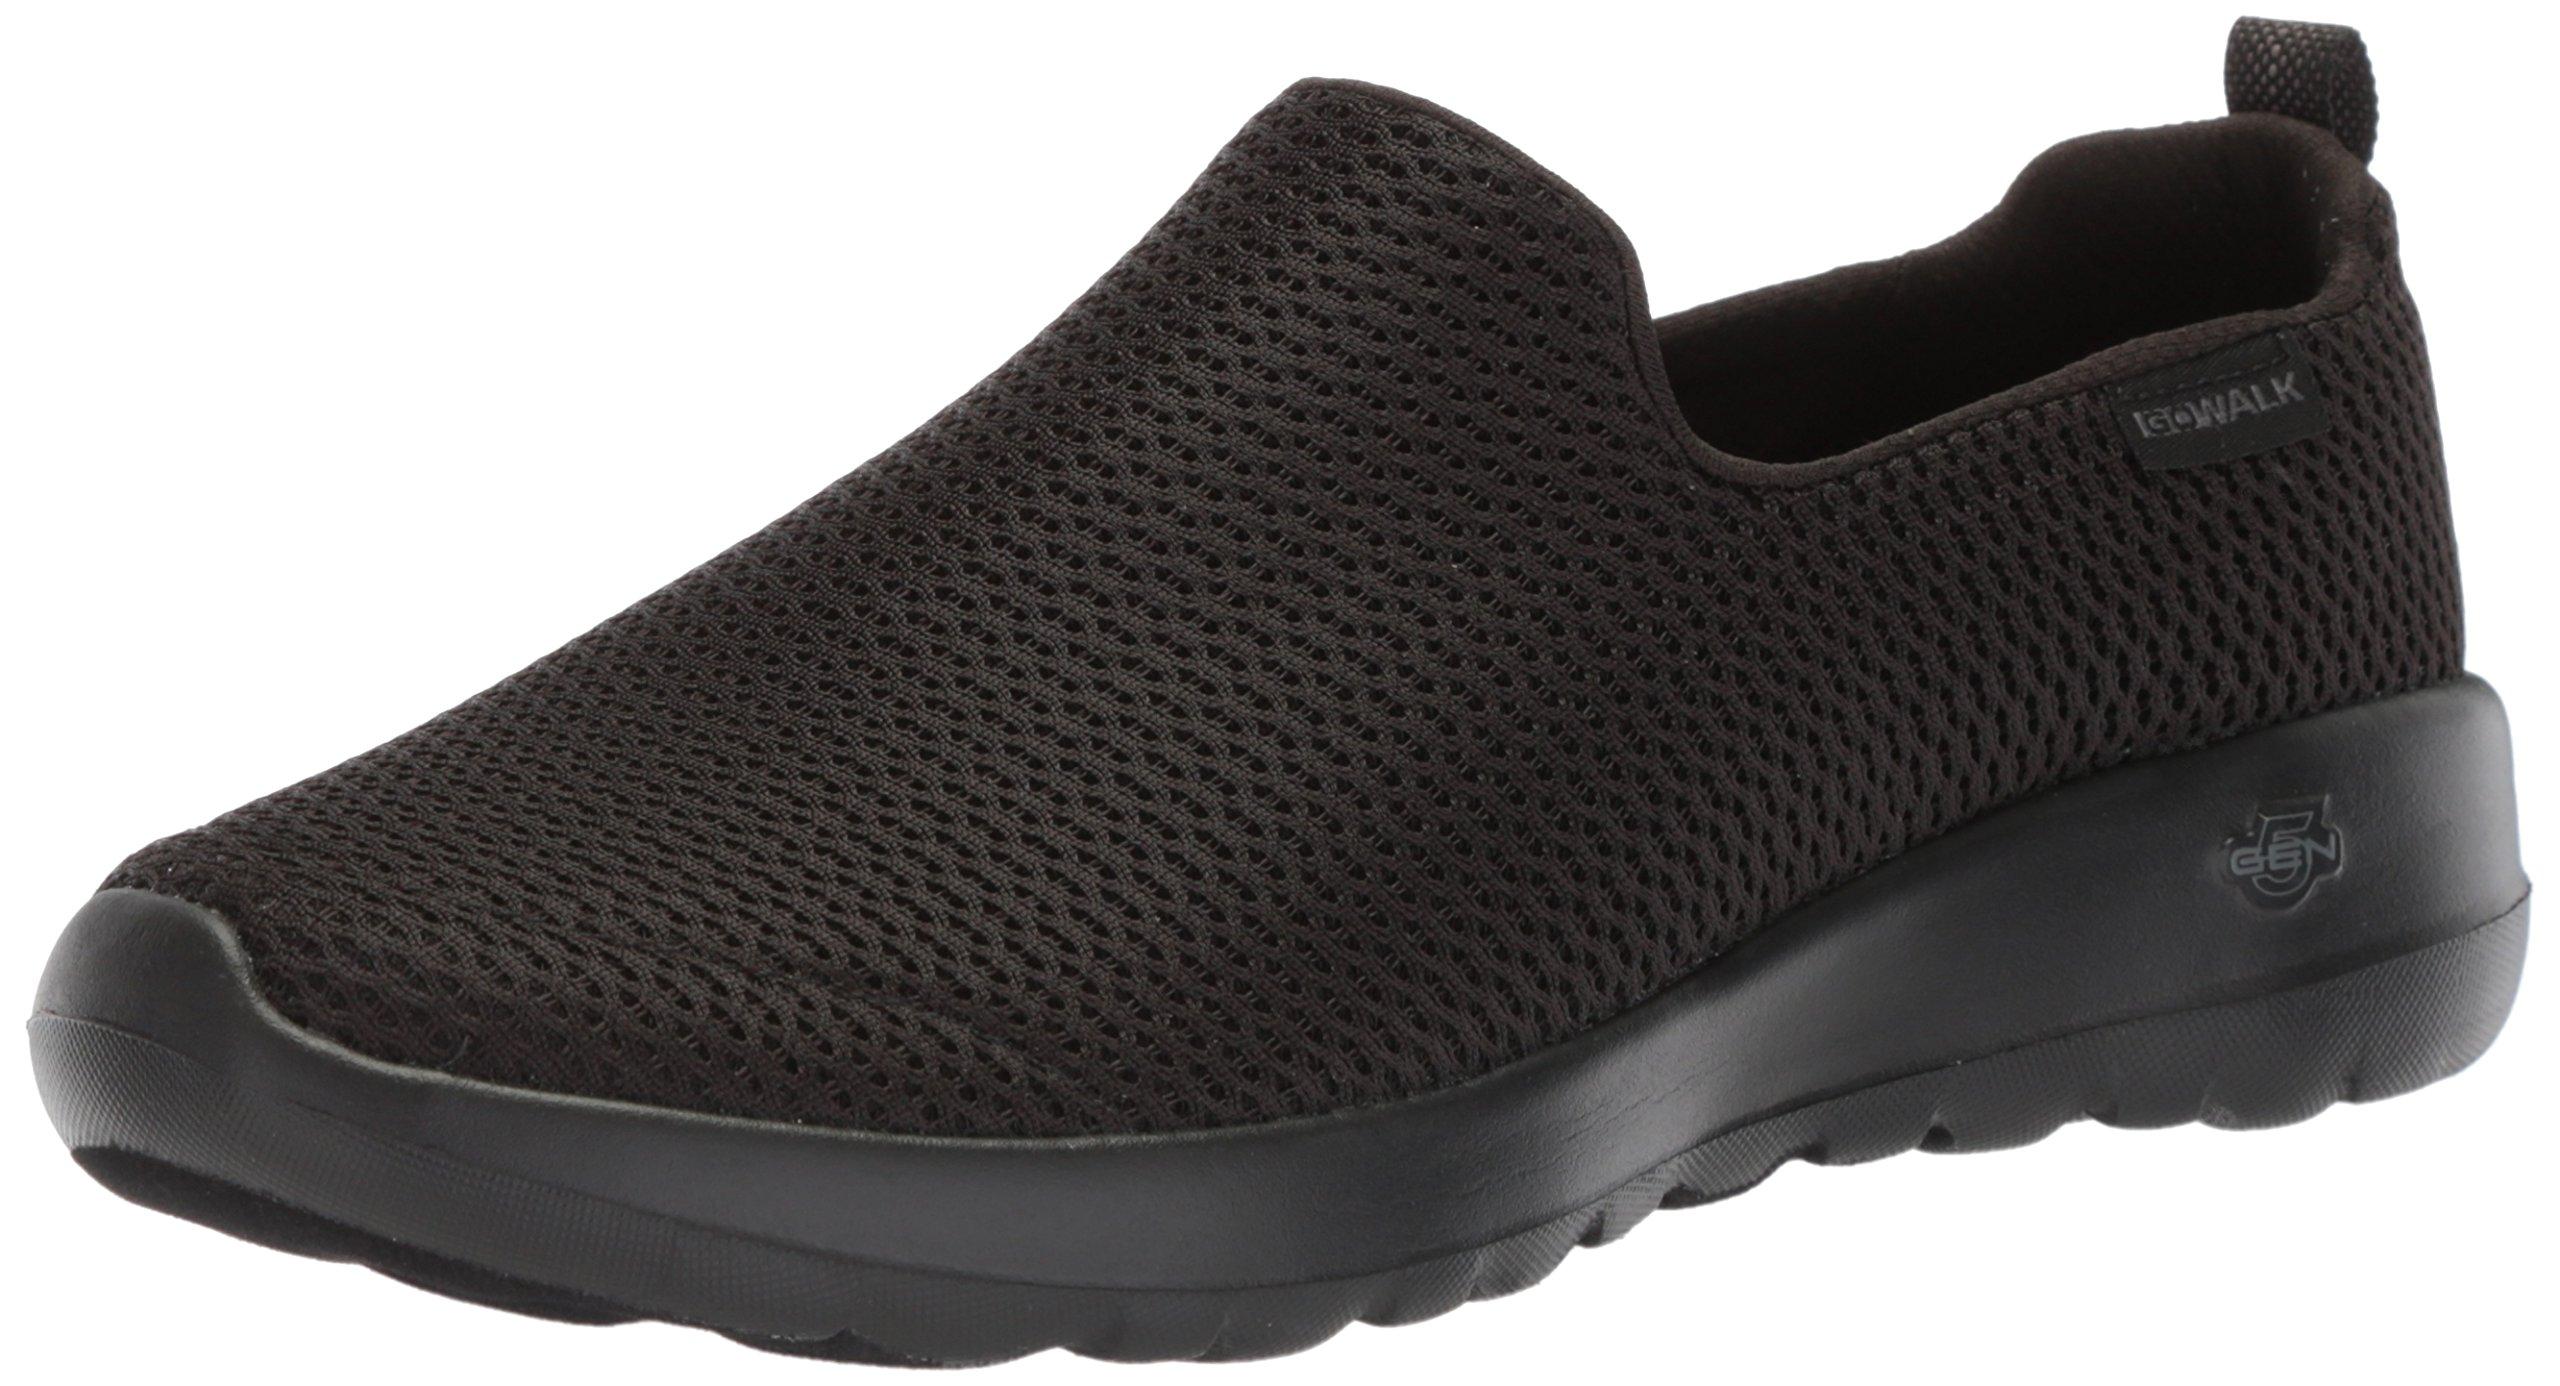 Skechers Performance Women's Go Walk Joy Walking Shoe,black,5 W US by Skechers (Image #1)